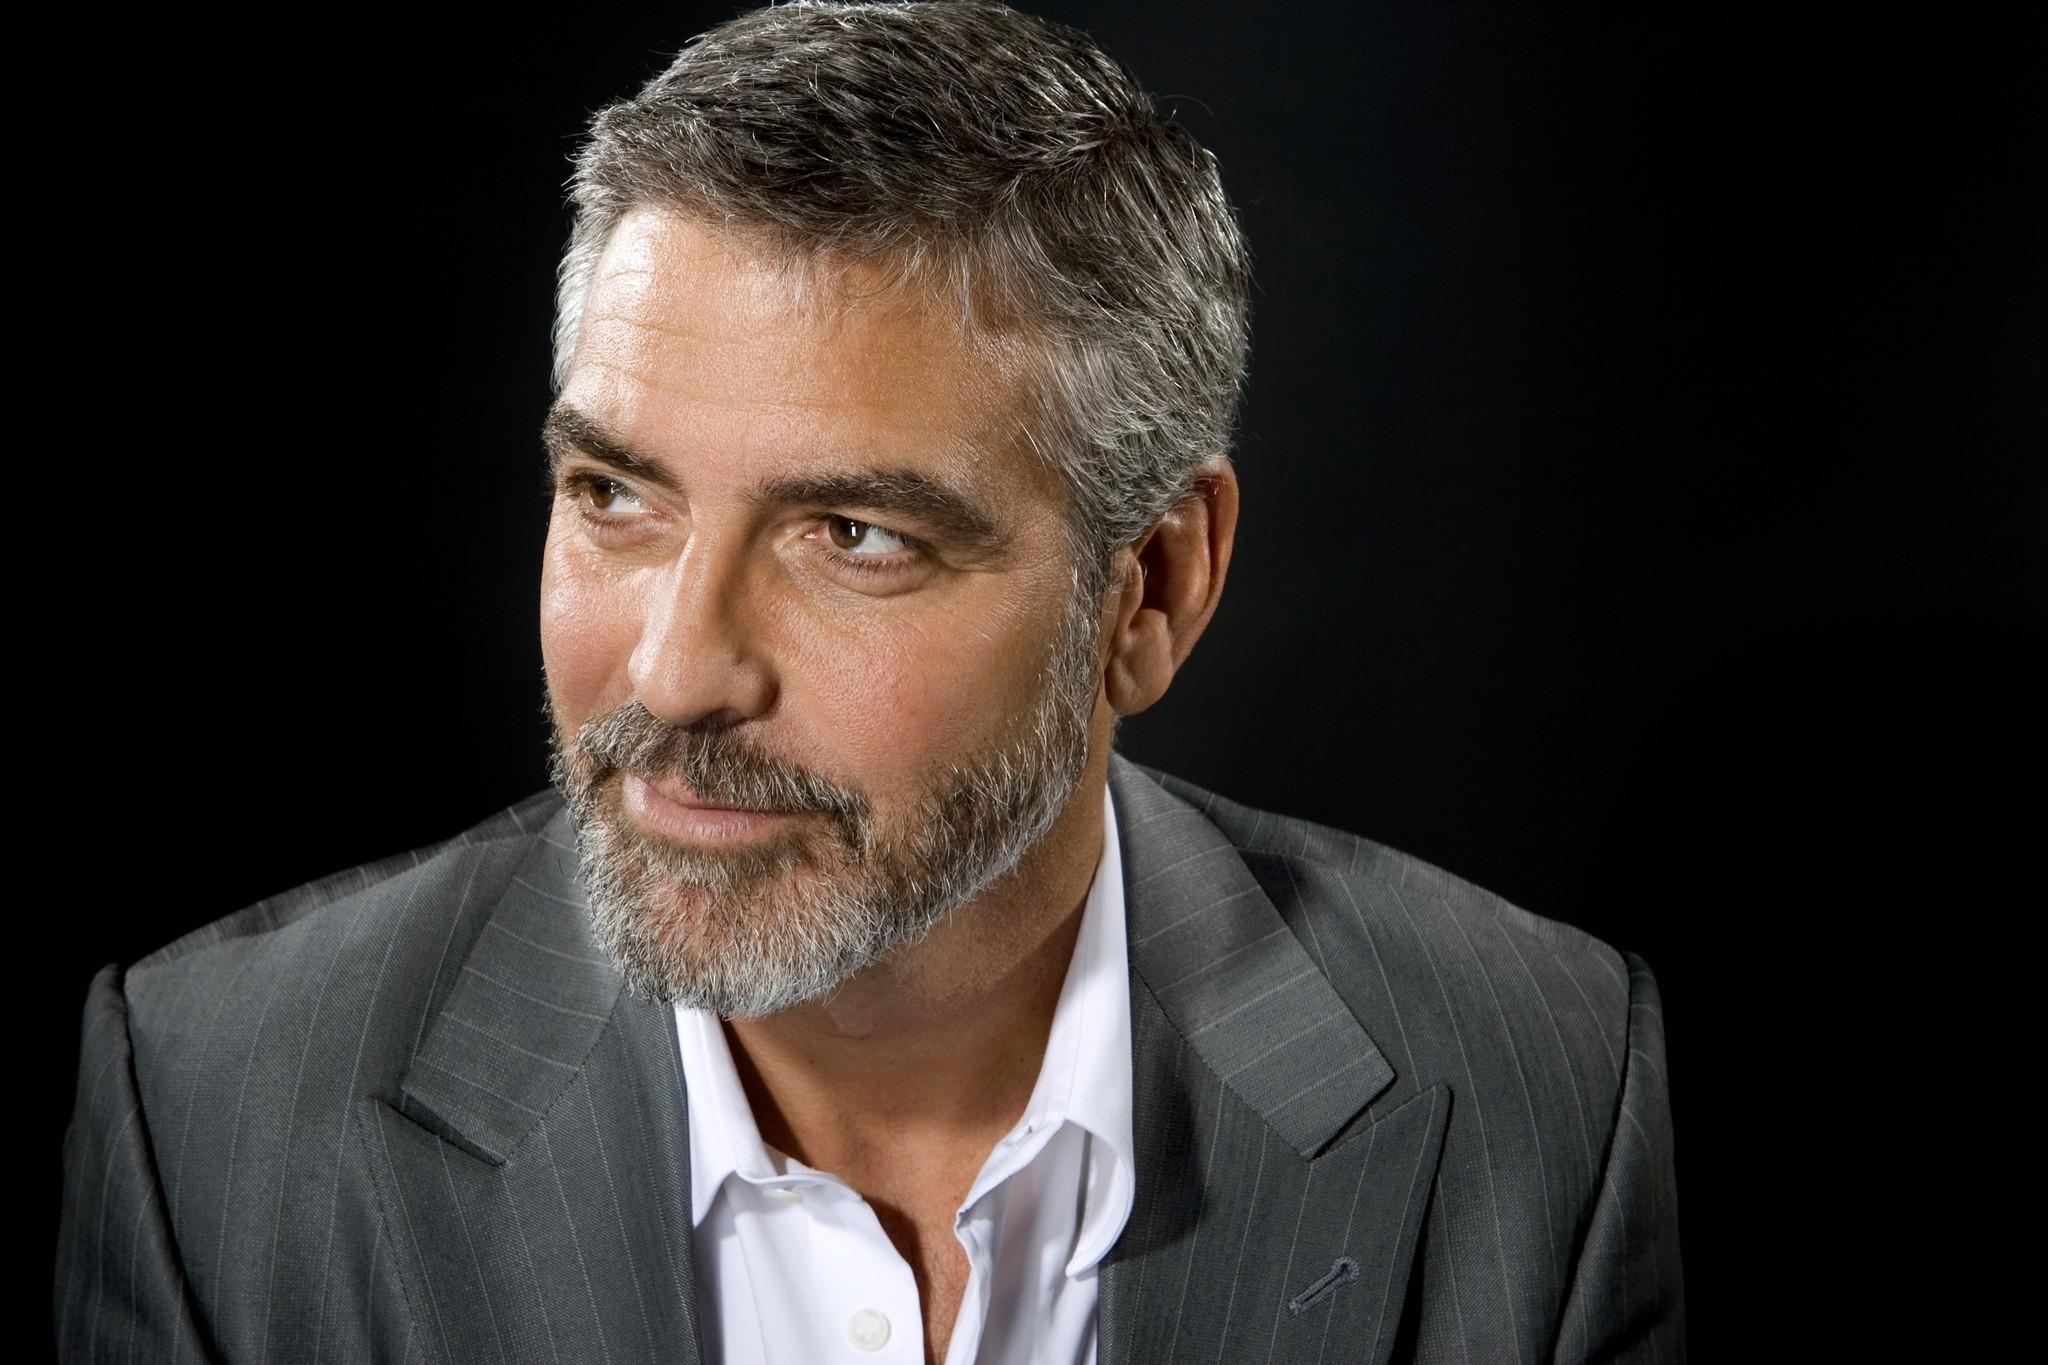 George Clooney, star dal cuore d'oro: aiuta tutti, dal Sudan ai rifugiati. E agli amici... un milione a testa